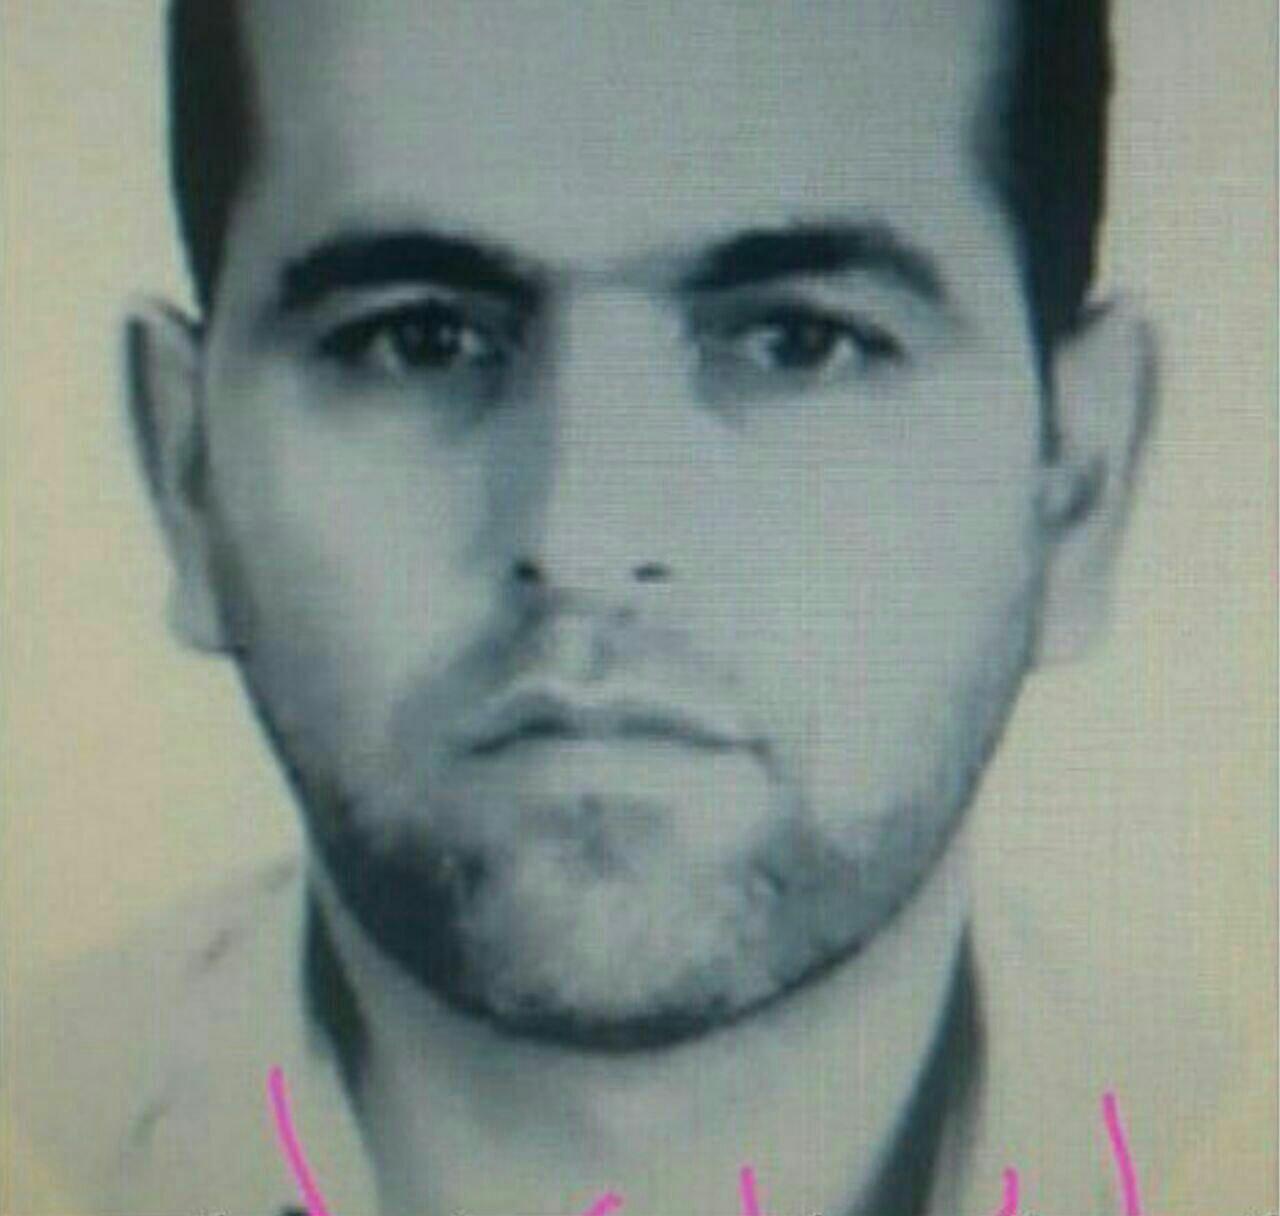 اعتراف قاتل آتنا کوچولو به دومین جنایت